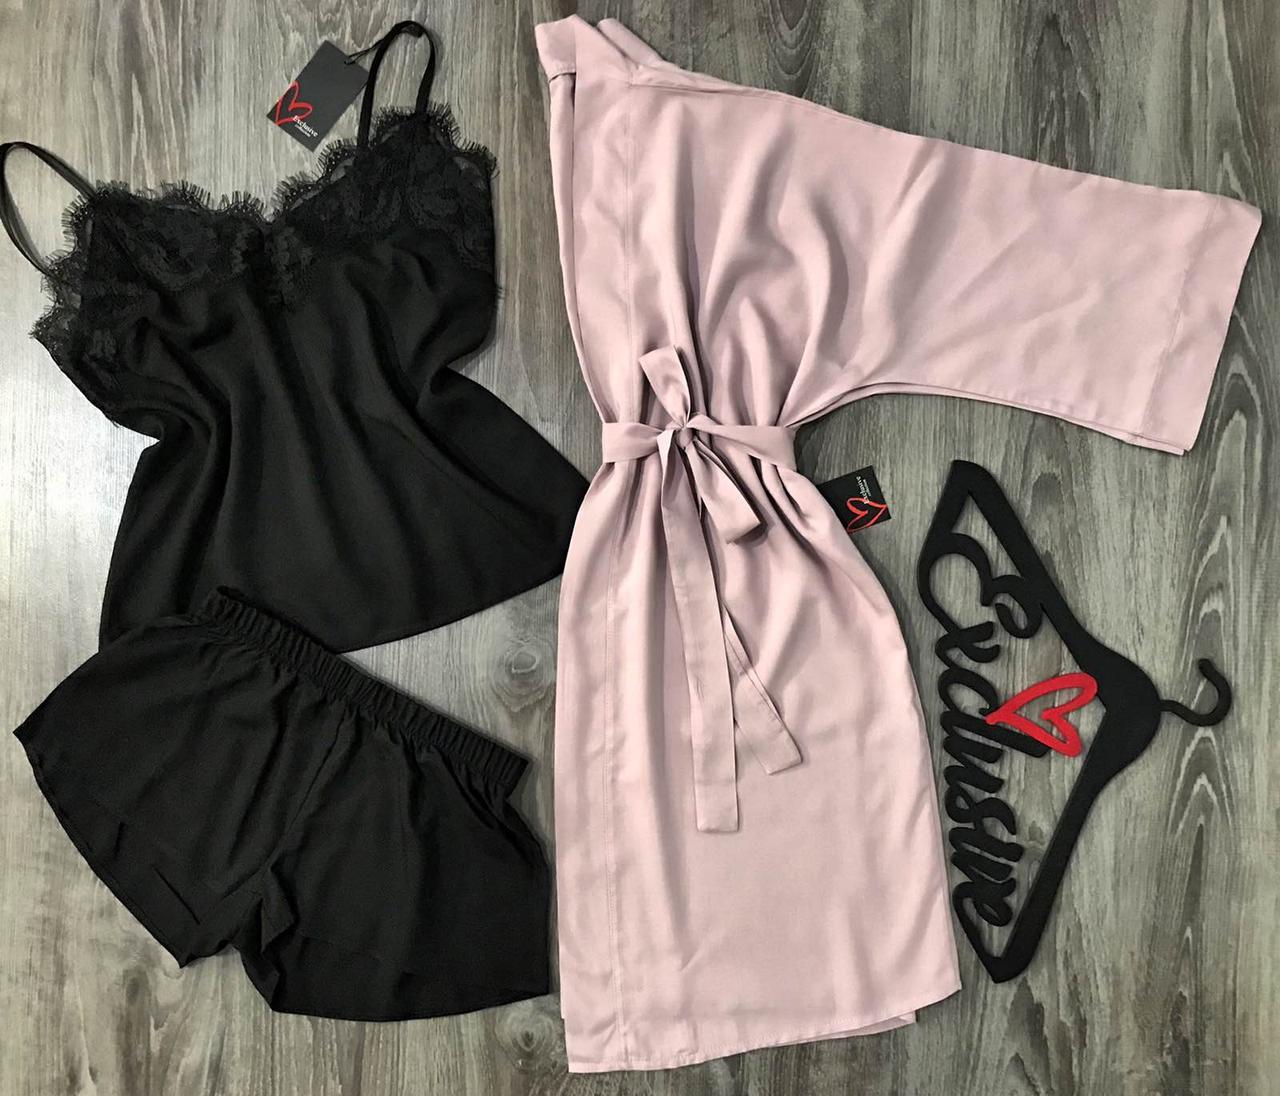 Женский хлопковый комплект, халат цвета пудра и пижама